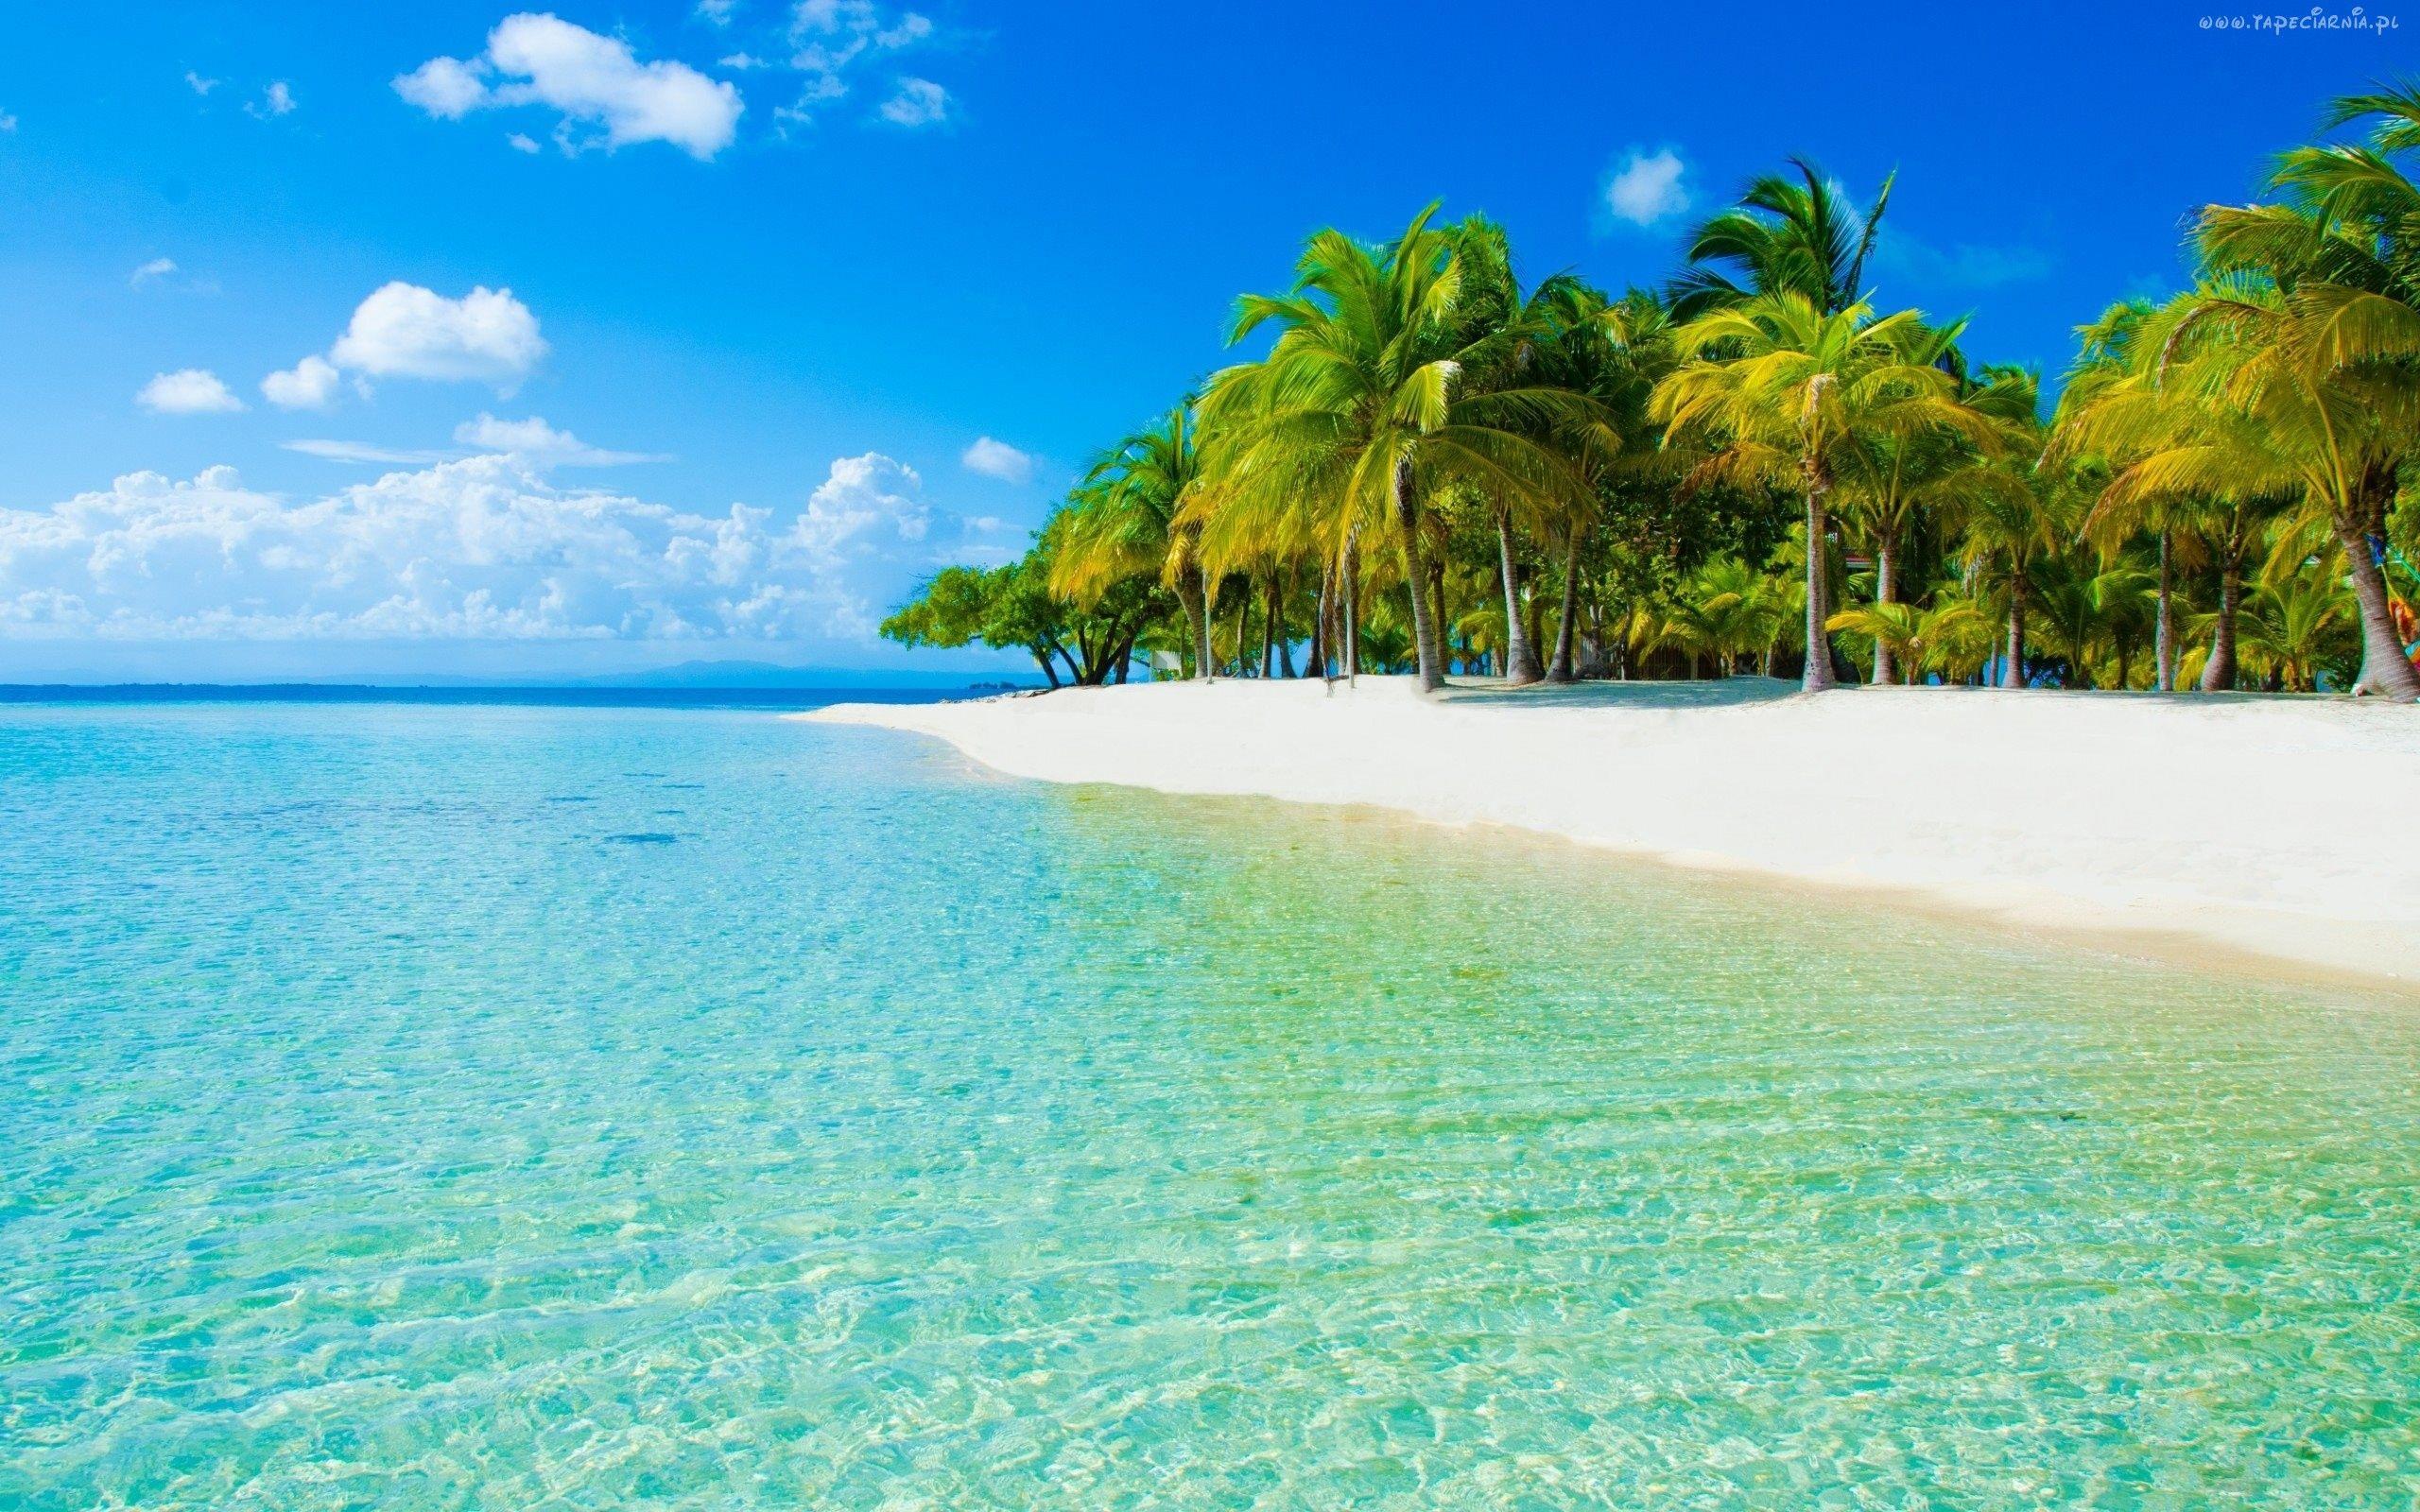 Morze, Plaża, Drzewa, Palmy